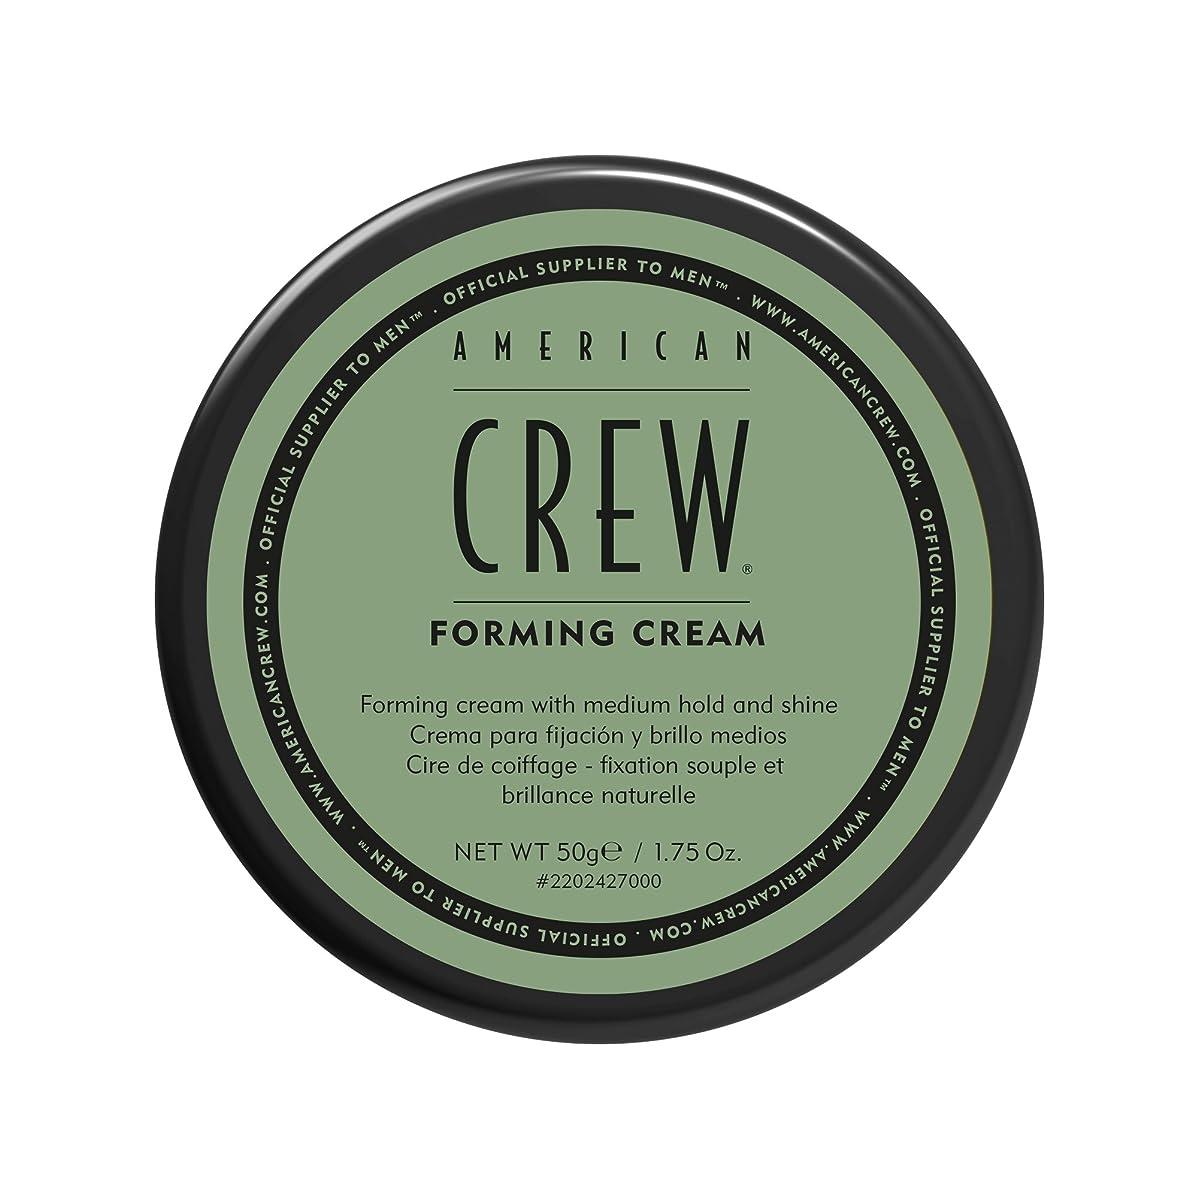 流用する未使用マーキングby American Crew FORMING CREAM 1.75 OZ by AMERICAN CREW